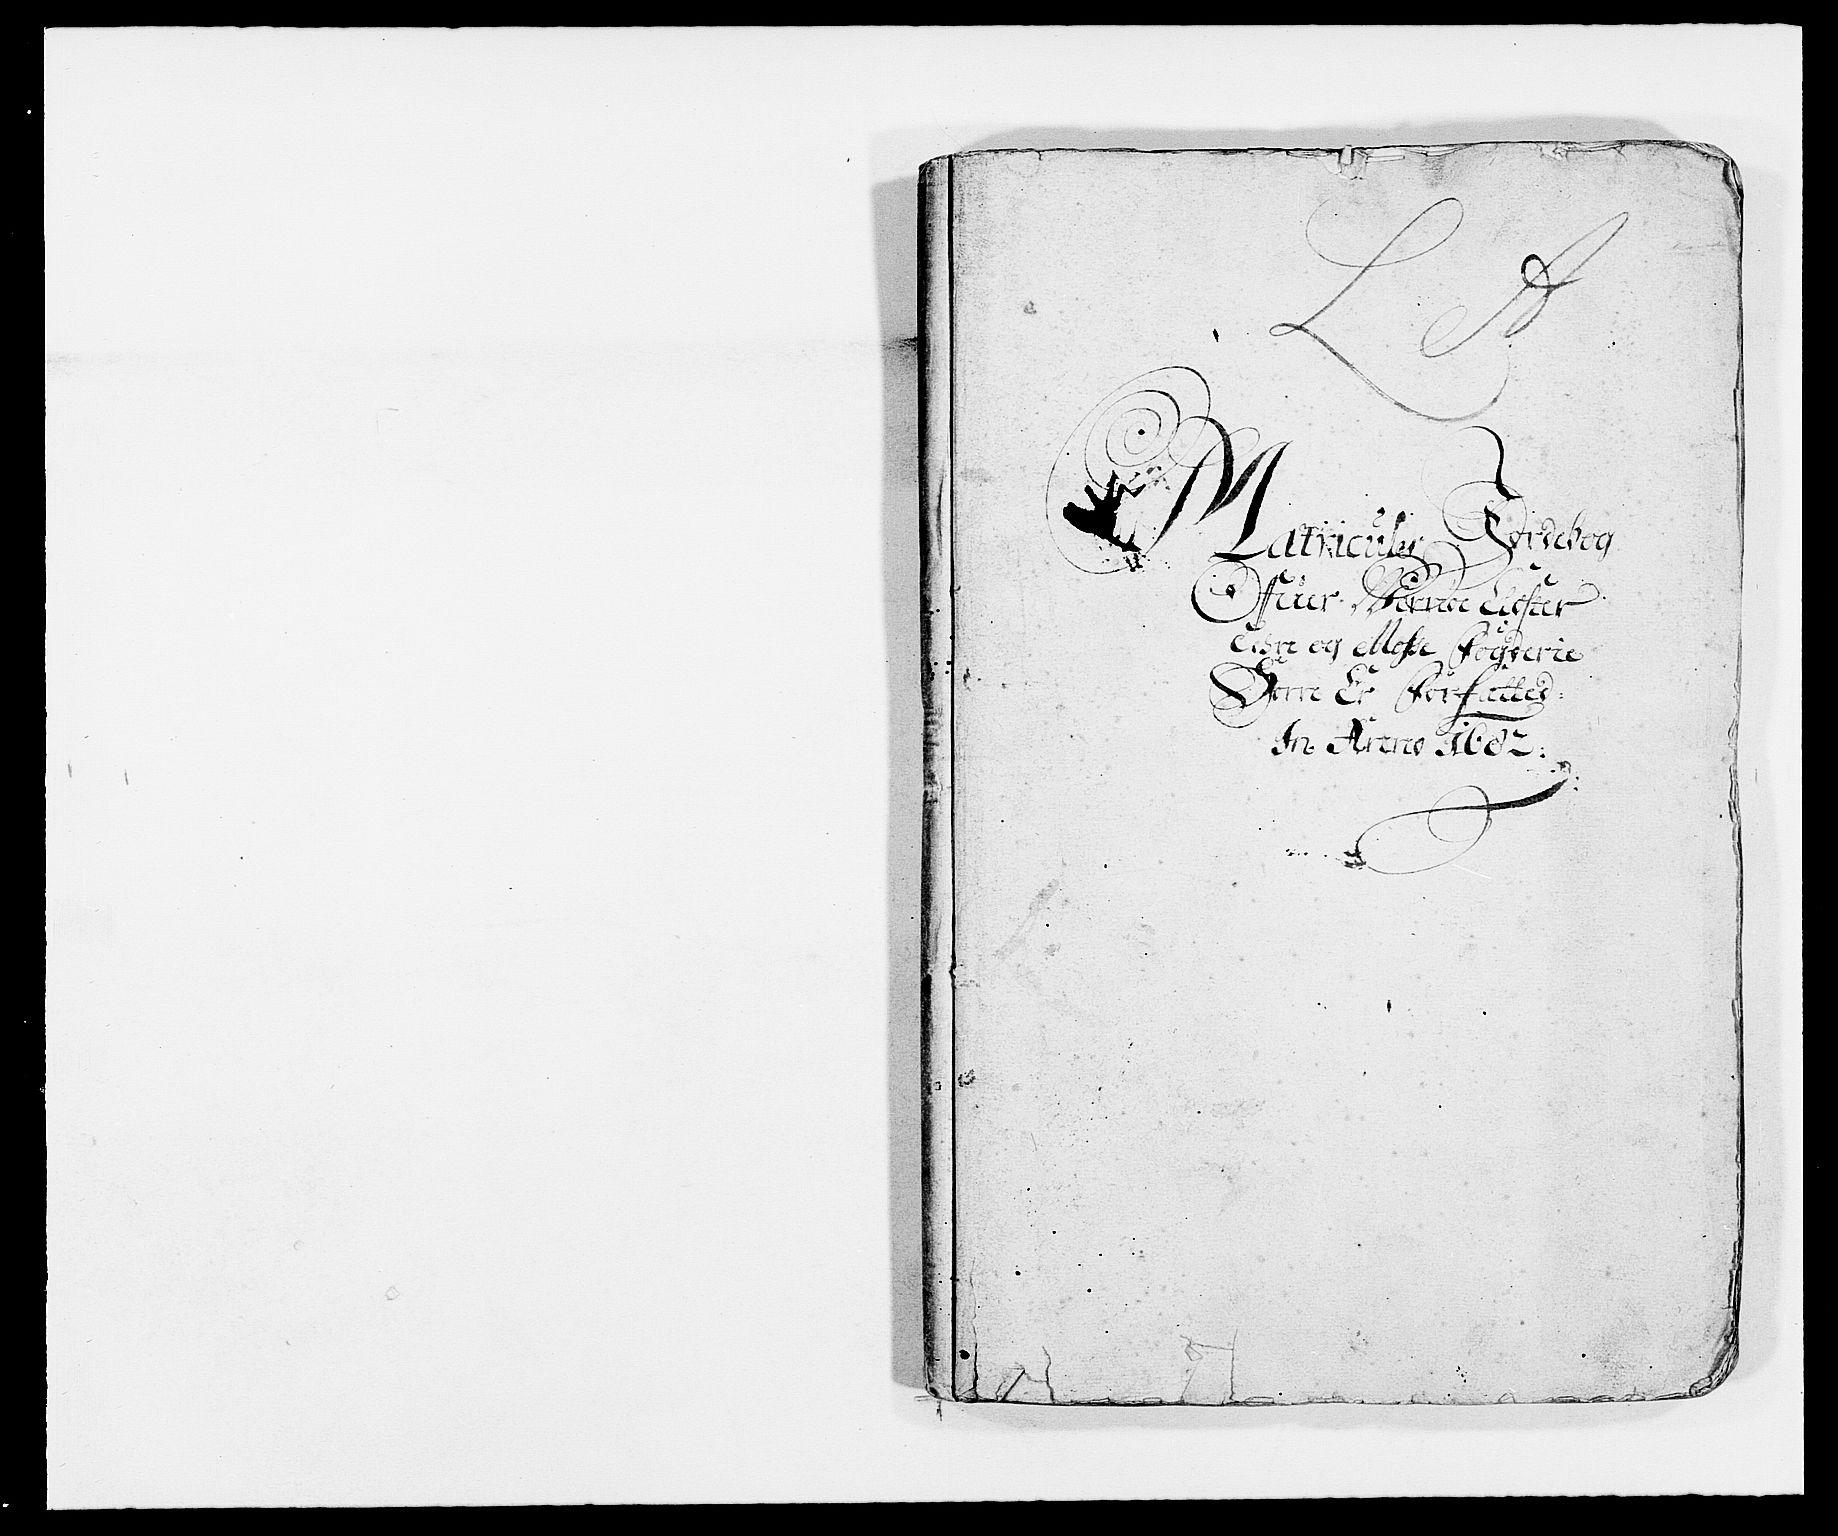 RA, Rentekammeret inntil 1814, Reviderte regnskaper, Fogderegnskap, R02/L0103: Fogderegnskap Moss og Verne kloster, 1682-1684, s. 8